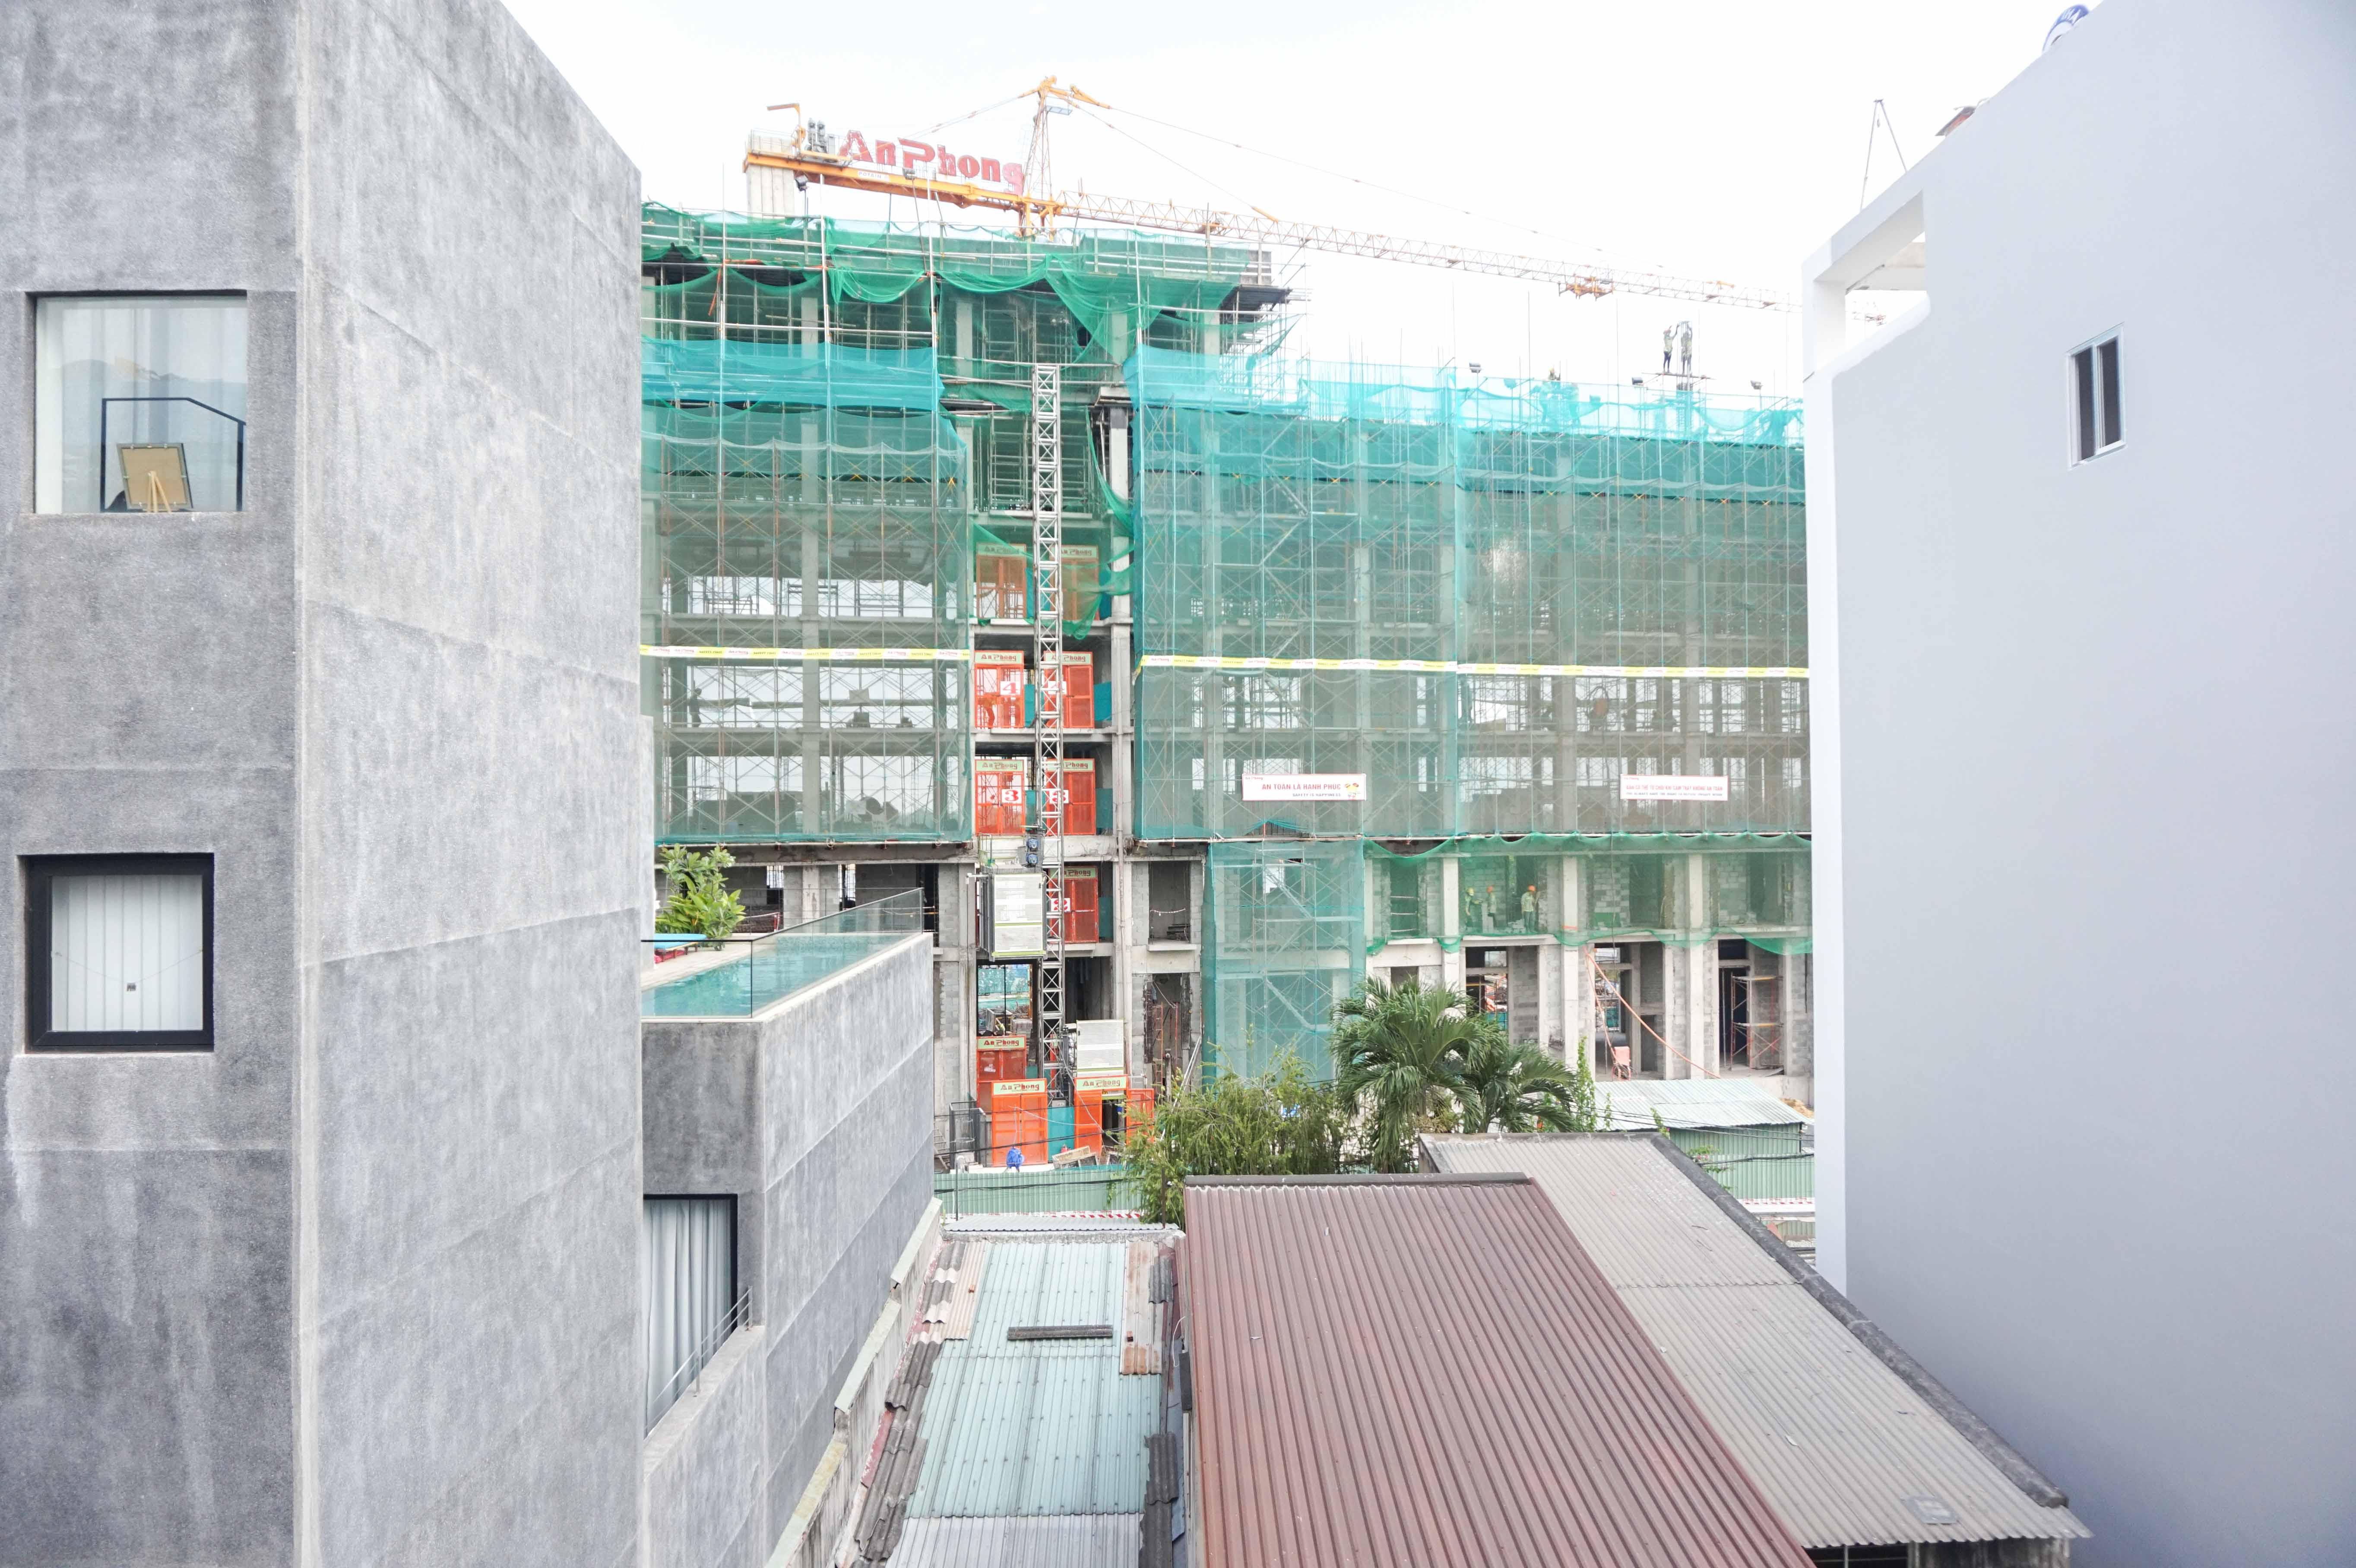 Cho Thuê Duplex 1 PN An Phu Apartment - Đầy Đủ Nội Thất & Ấm Cúng -19